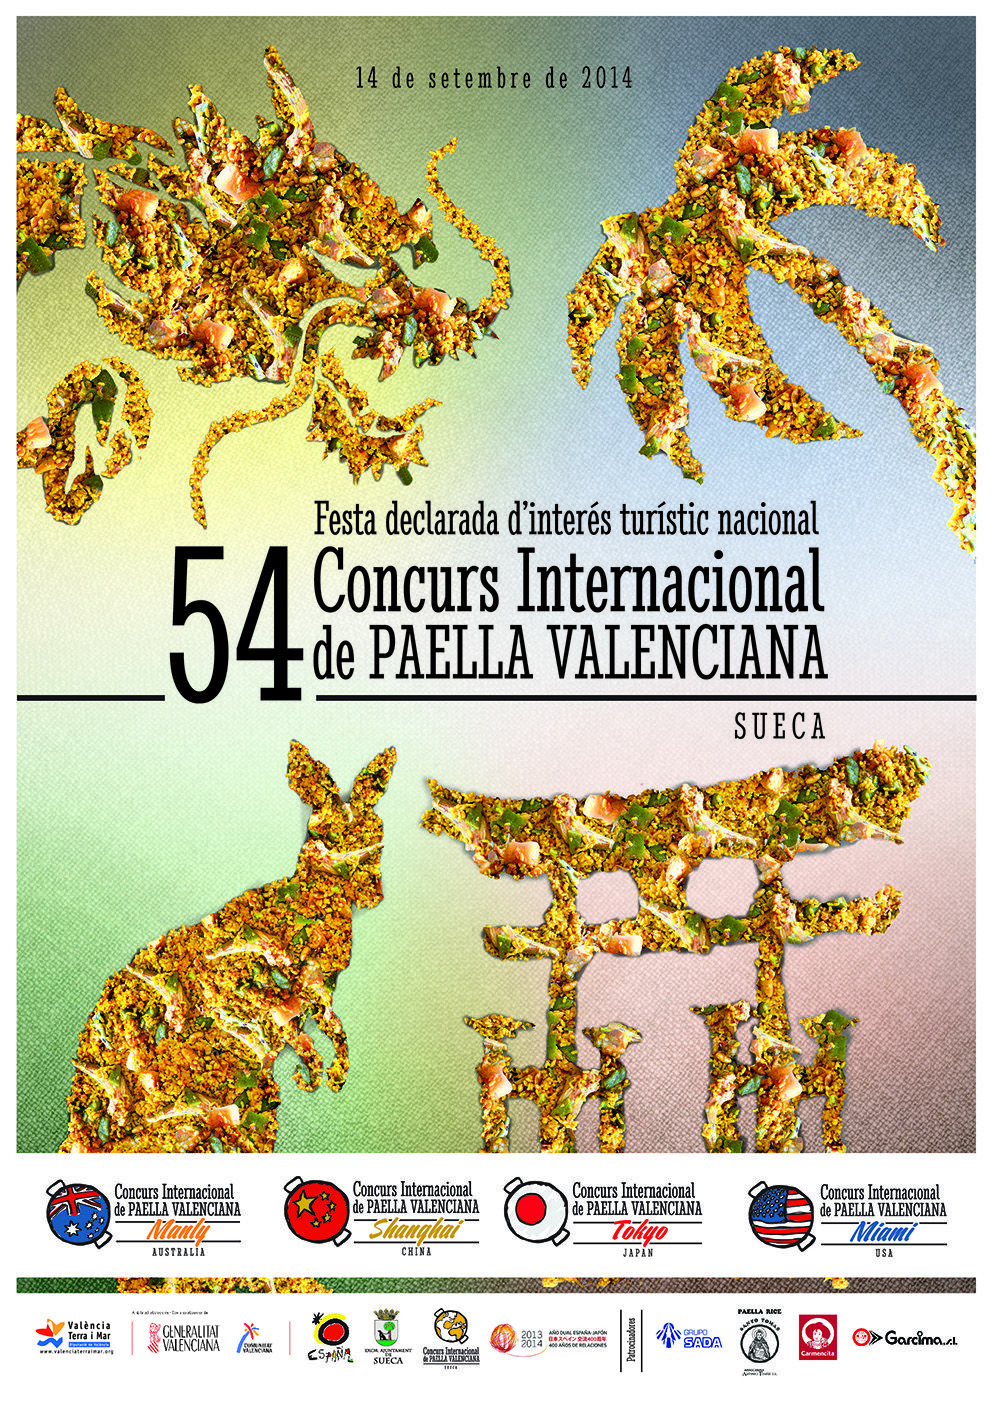 Cartel oficial del 54 Concurs Internacional de Paella Valenciana de Sueca 2014